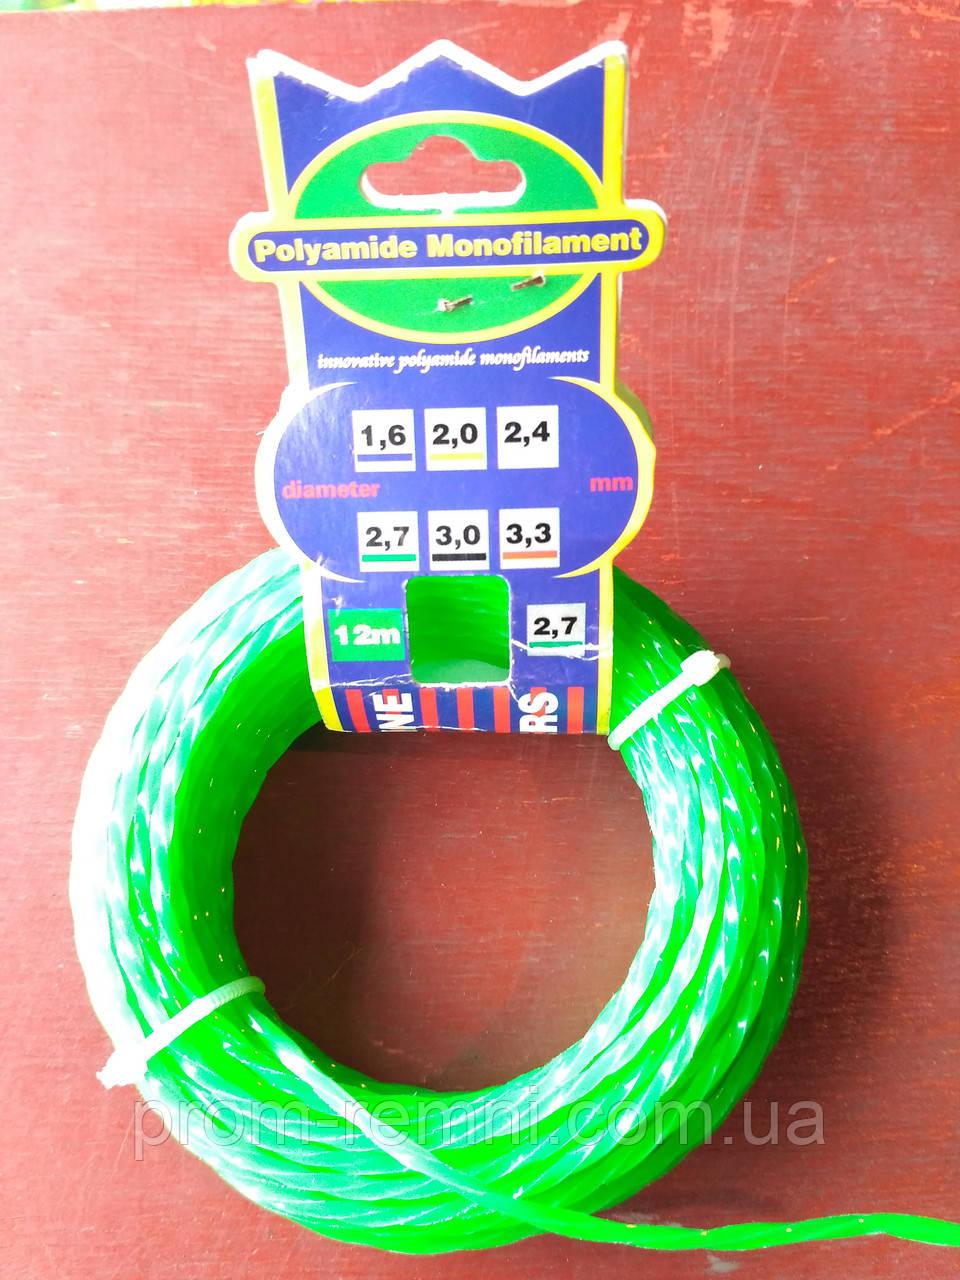 Леска d2.7, зеленая / красная, крученая (для триммера)